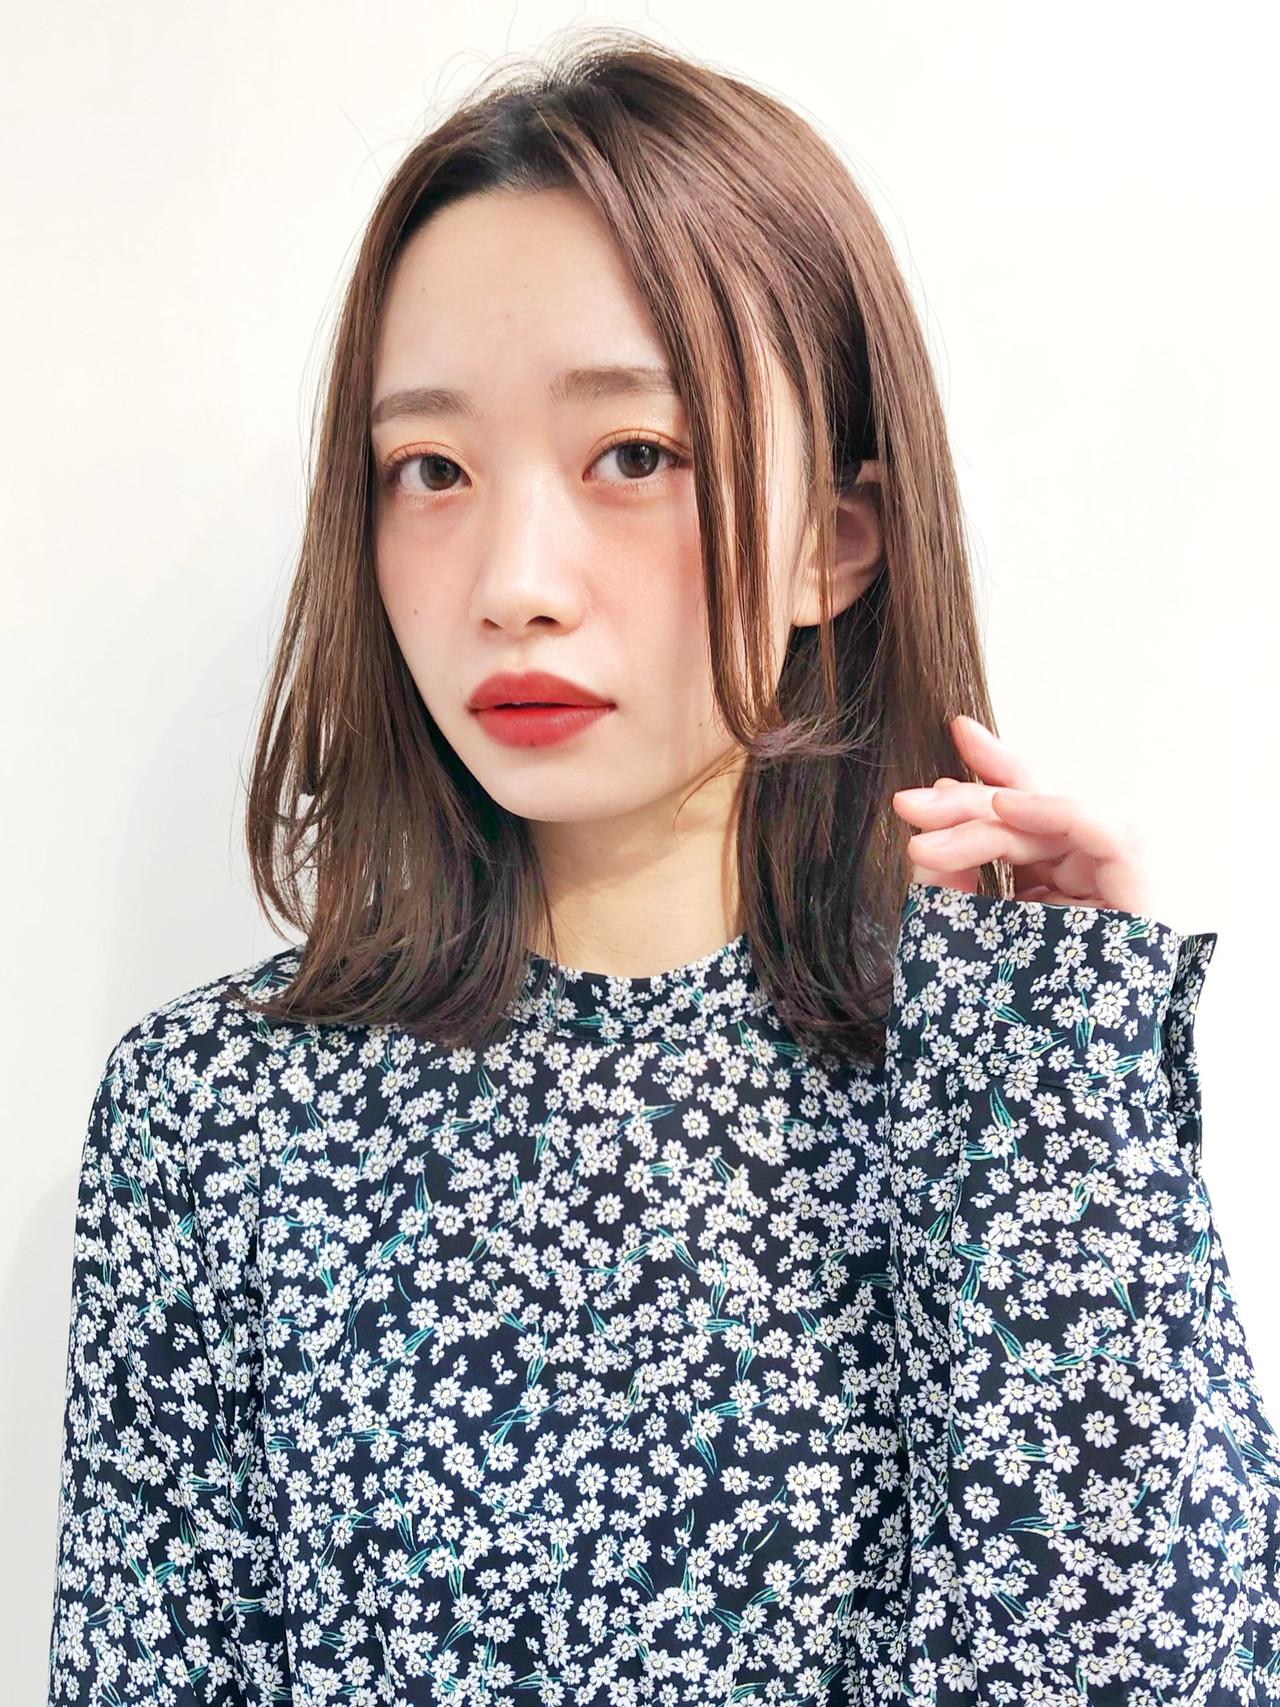 フェミニン ミディアム ワンカールスタイリング ロブ ヘアスタイルや髪型の写真・画像